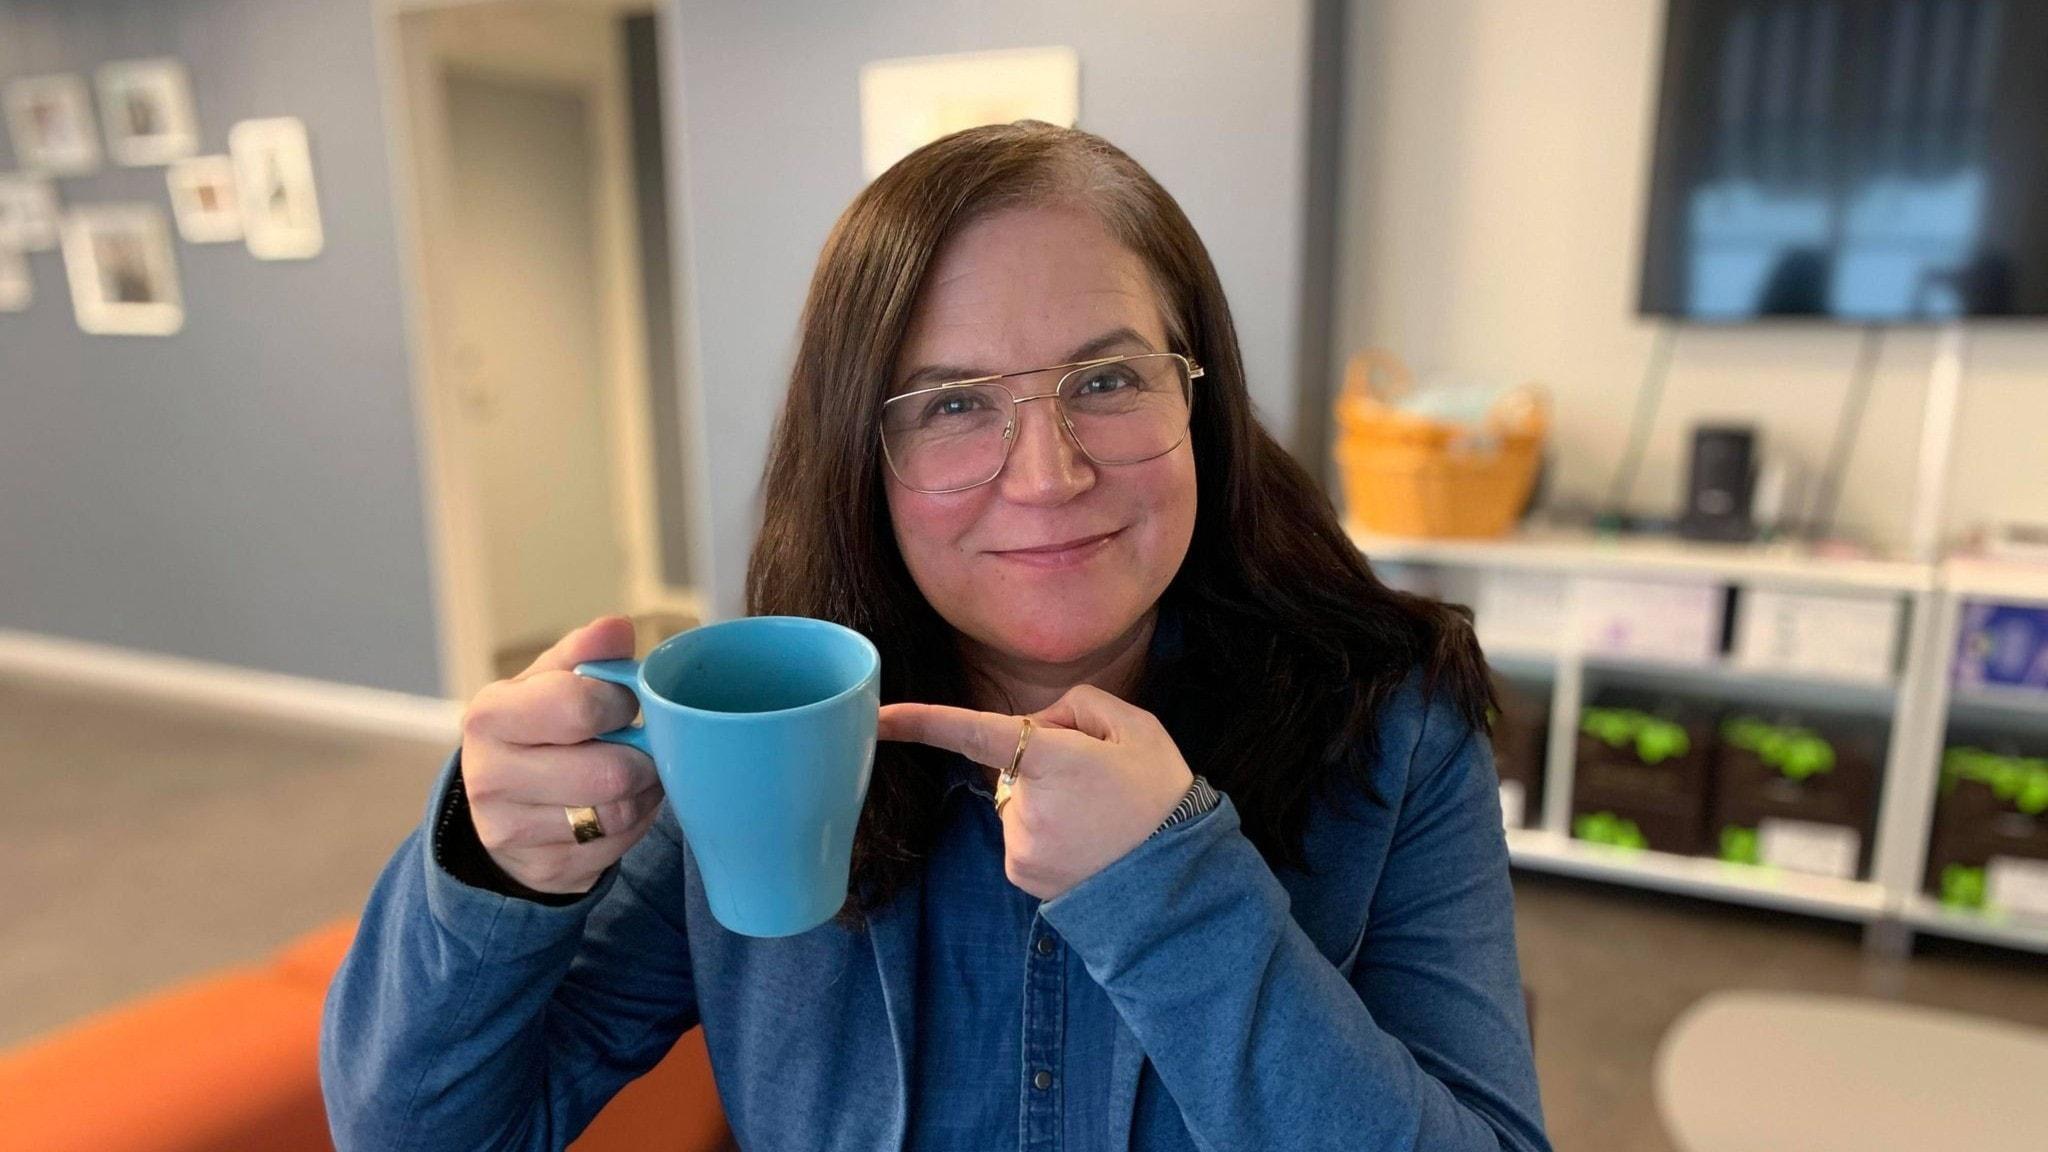 kim kärnfalk med en kaffekopp i handen